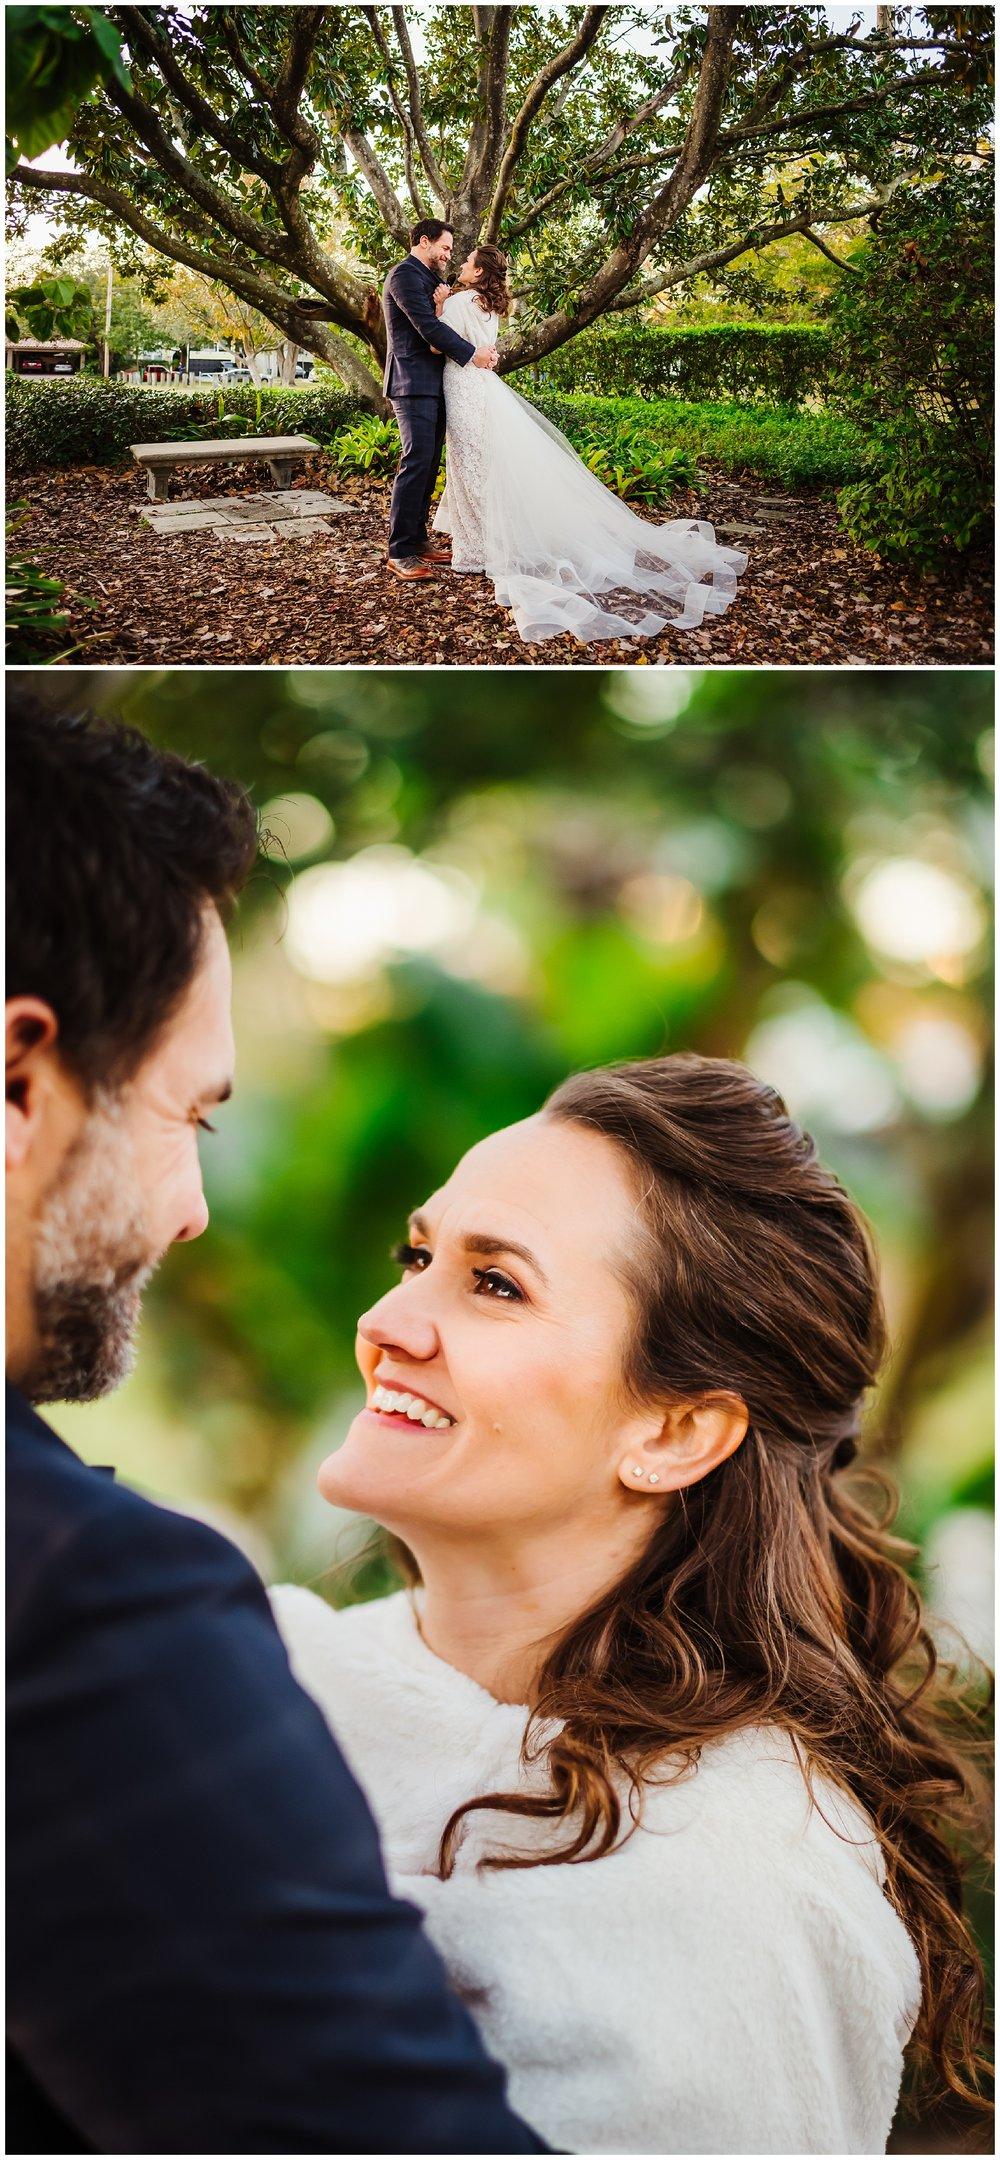 tampa-wedding-photographer-davis-island-flamingo-garden-alexander-mcqueen-non-traditional_0057.jpg